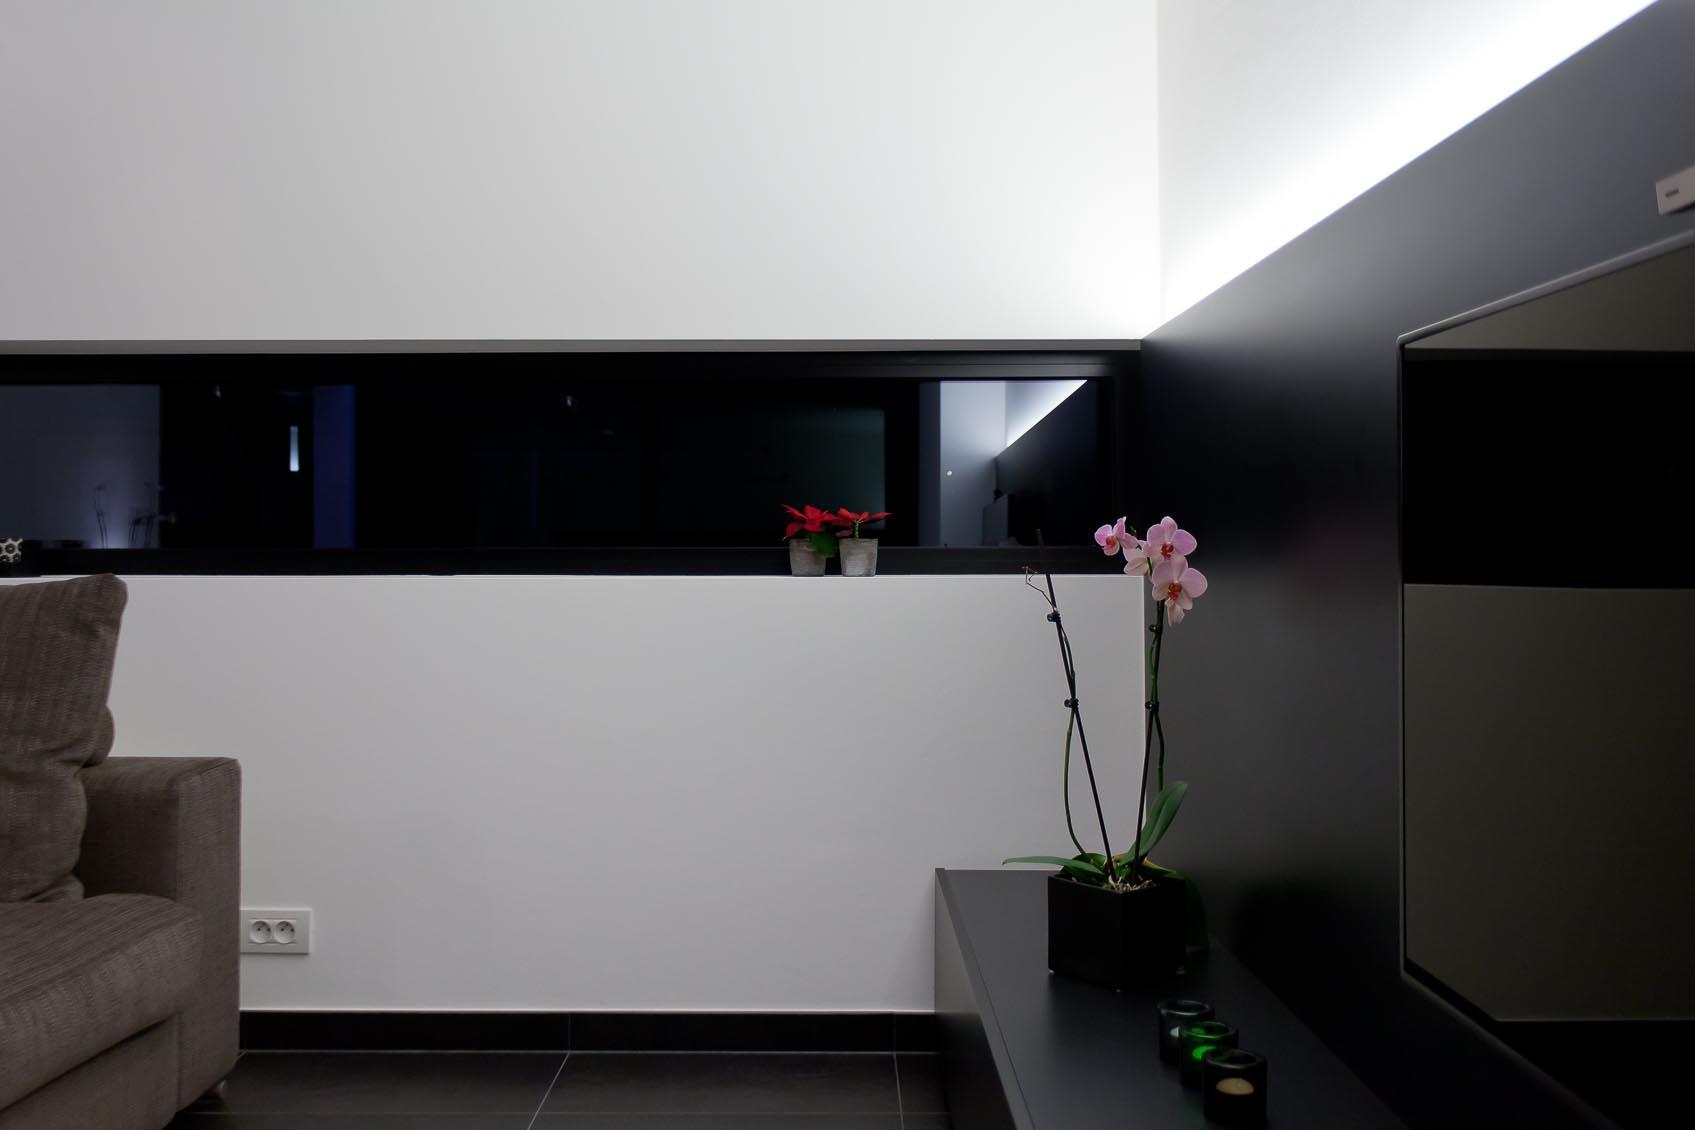 sterk staaltje lichtarchitectuur, uitlijning architectuur en licht, samenwerking architect, interieurarchitect en lichtarchitect lichthuis